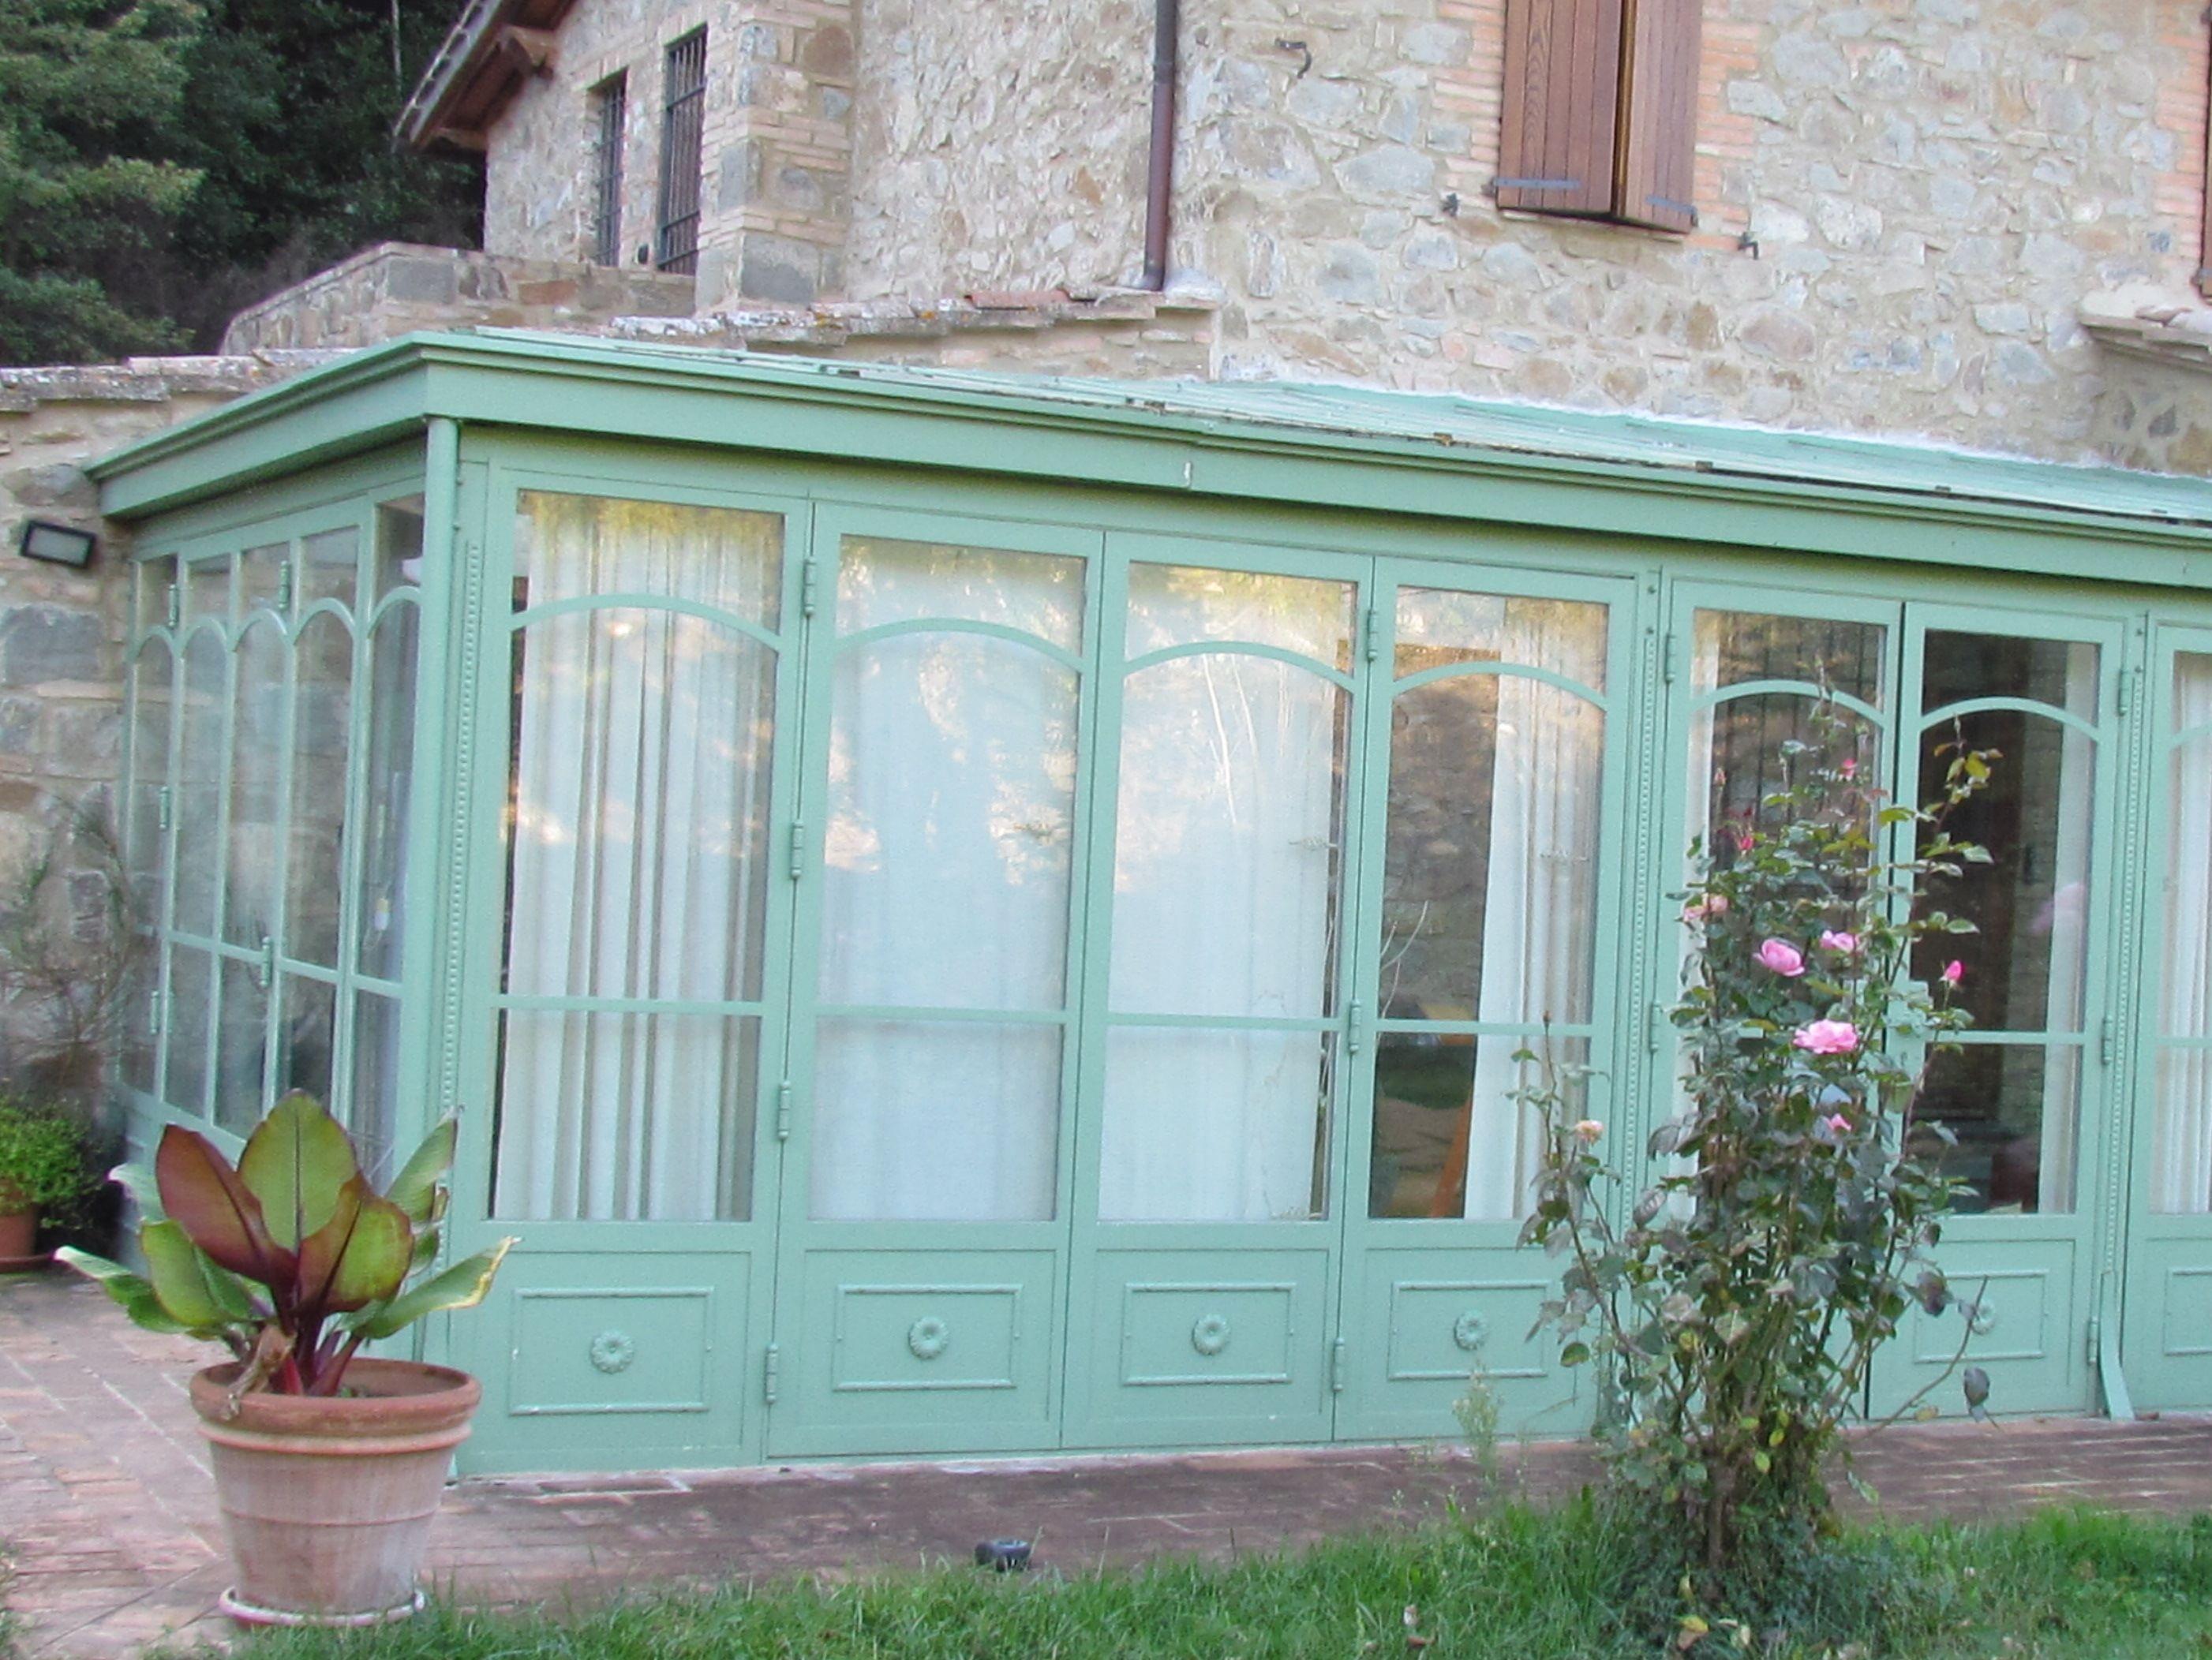 Giardino d inverno pizzeria livorno idee per il design - Giardino d inverno prezzo ...